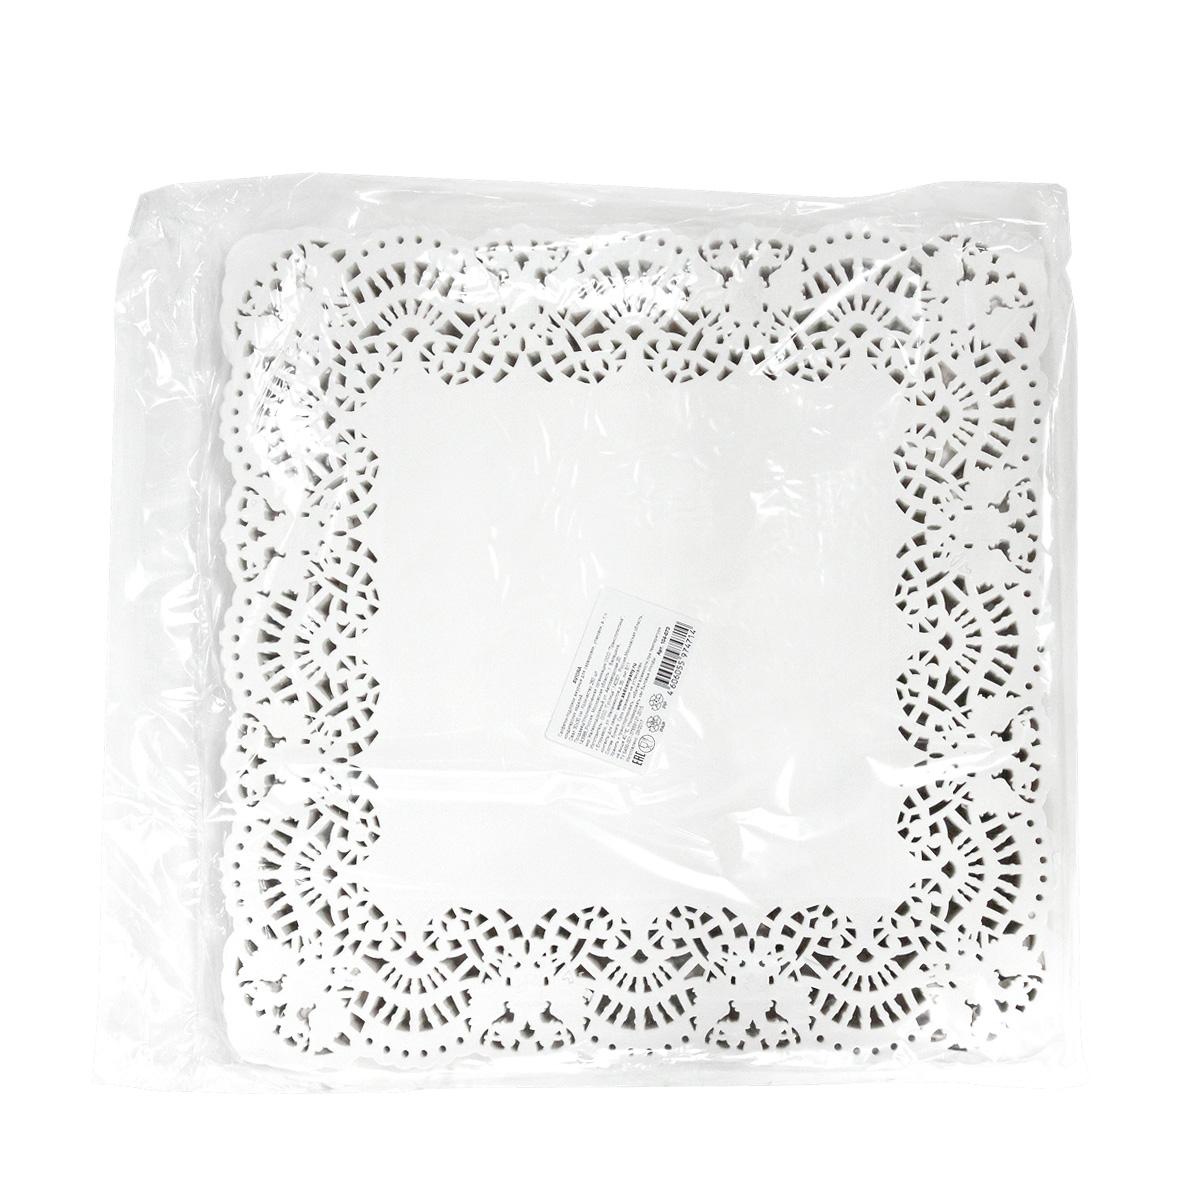 Салфетки бумажные Aviora, ажурные, 30 х 30 см, 250 шт104-073 Произведены в России безопасные при контакте с пищей изысканный узор по контуру салфетокПредназначены для сервировки стола.Используются для красивой подачи тортов и пирожных. Оригинально смотрятся столовые приборы. Небольшие диаметры используются для подачи чая / кофе.